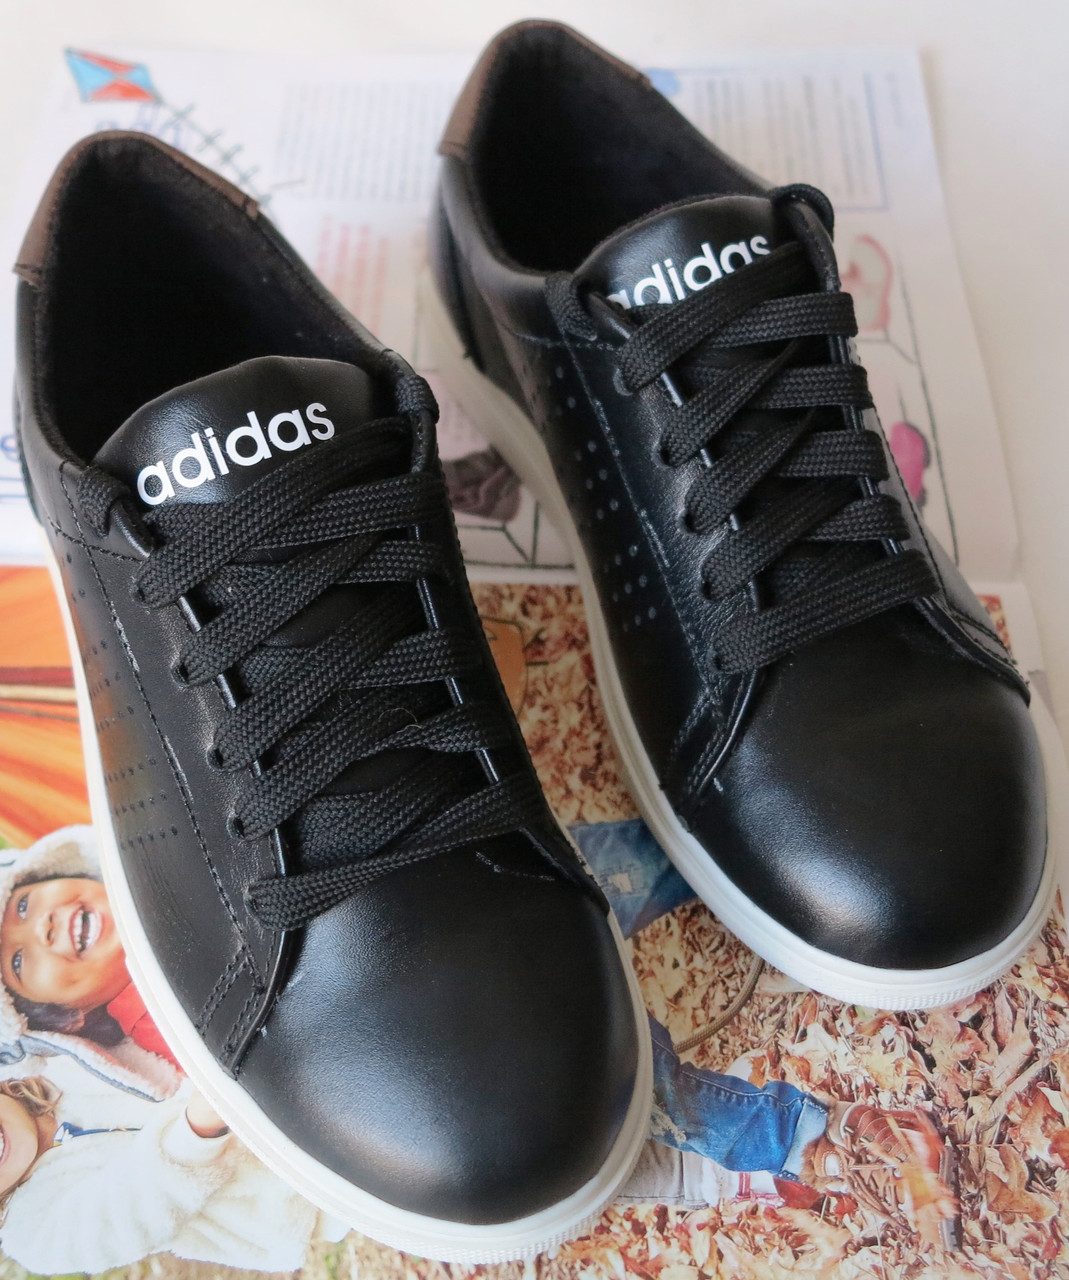 Adidas подростковые в стиле Адидас кроссовки кросовки Stan Smith кеды